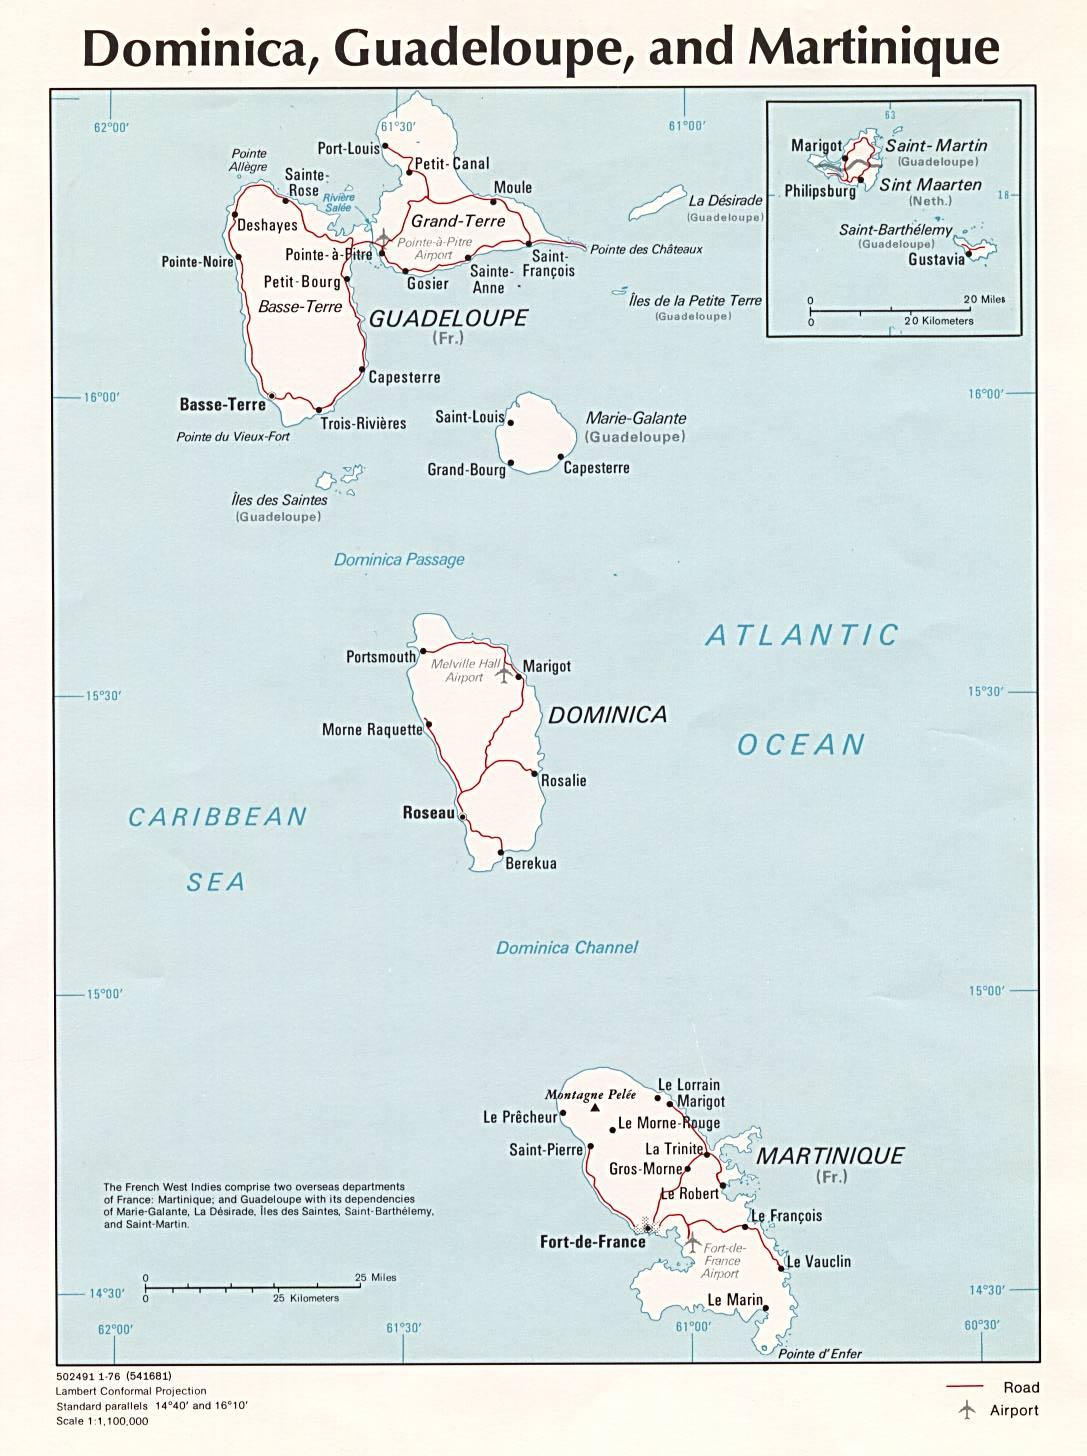 Mapa Político de Dominica, Guadalupe, y Martinica